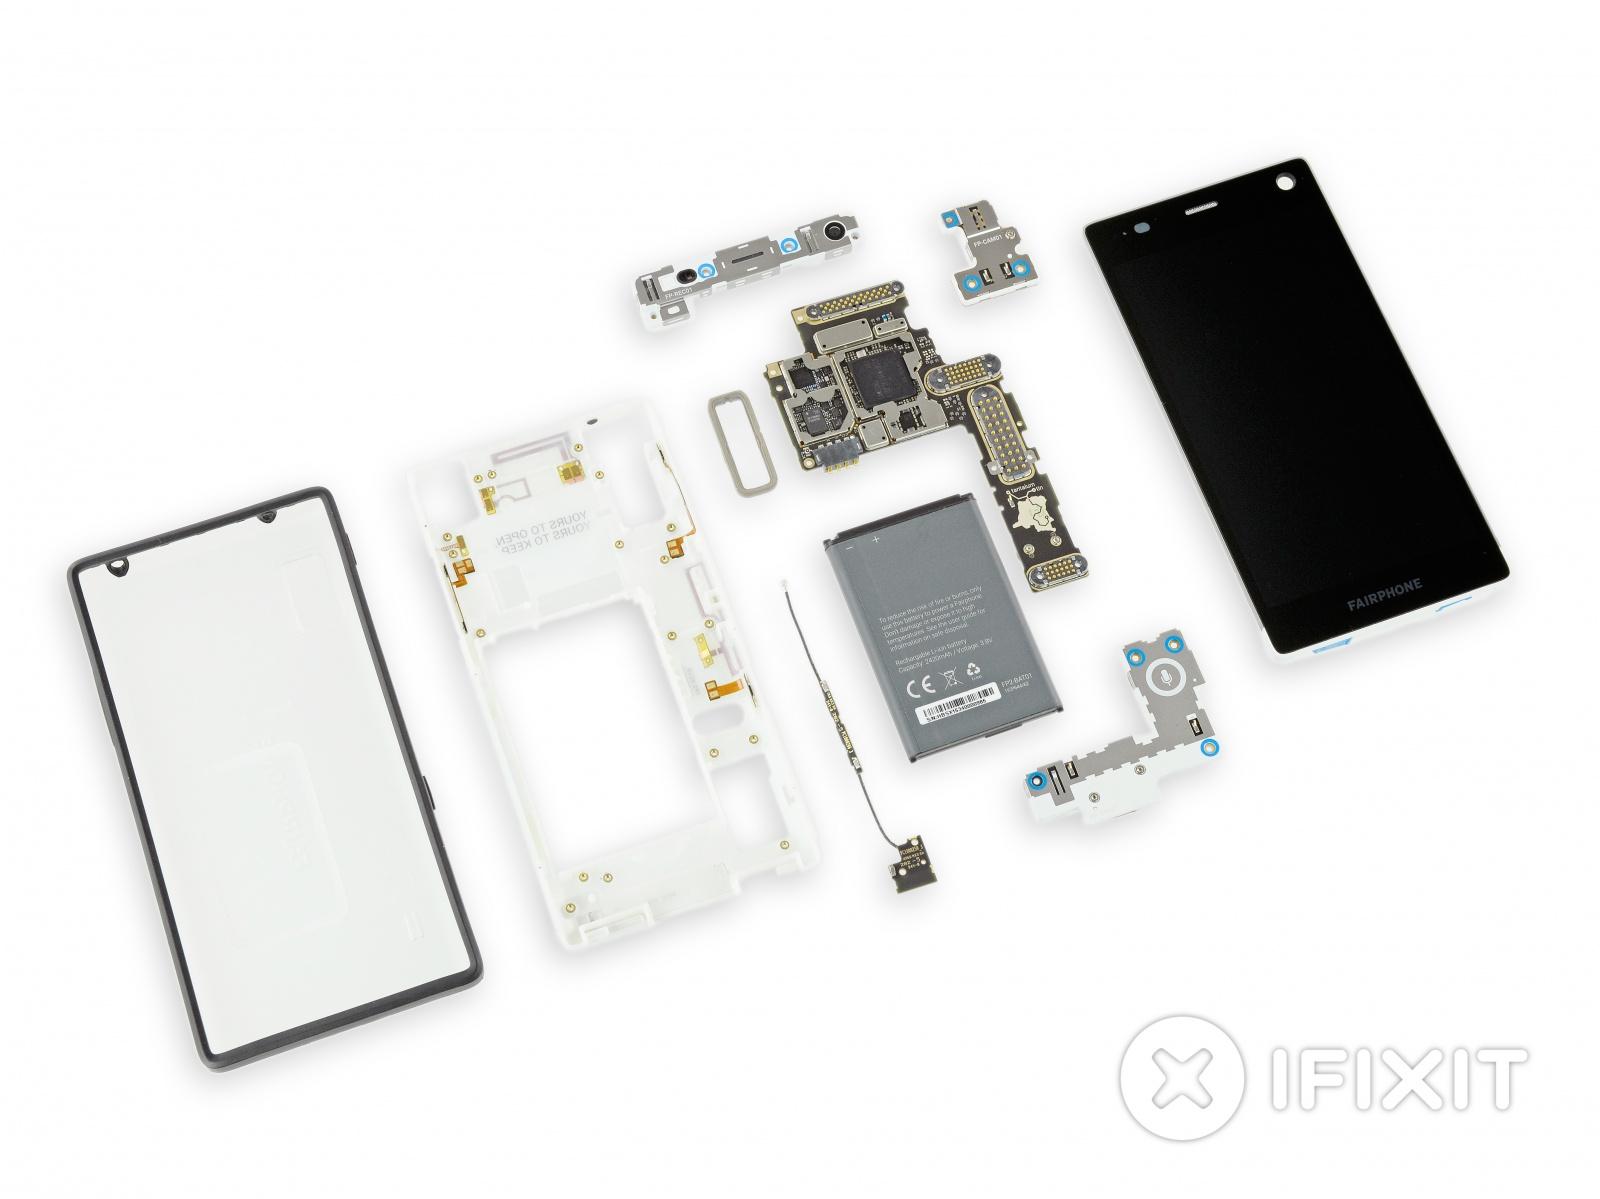 10 из 10 по шкале ремонтируемости: оценка модульного телефона Fairphone 2 от iFixit - 21